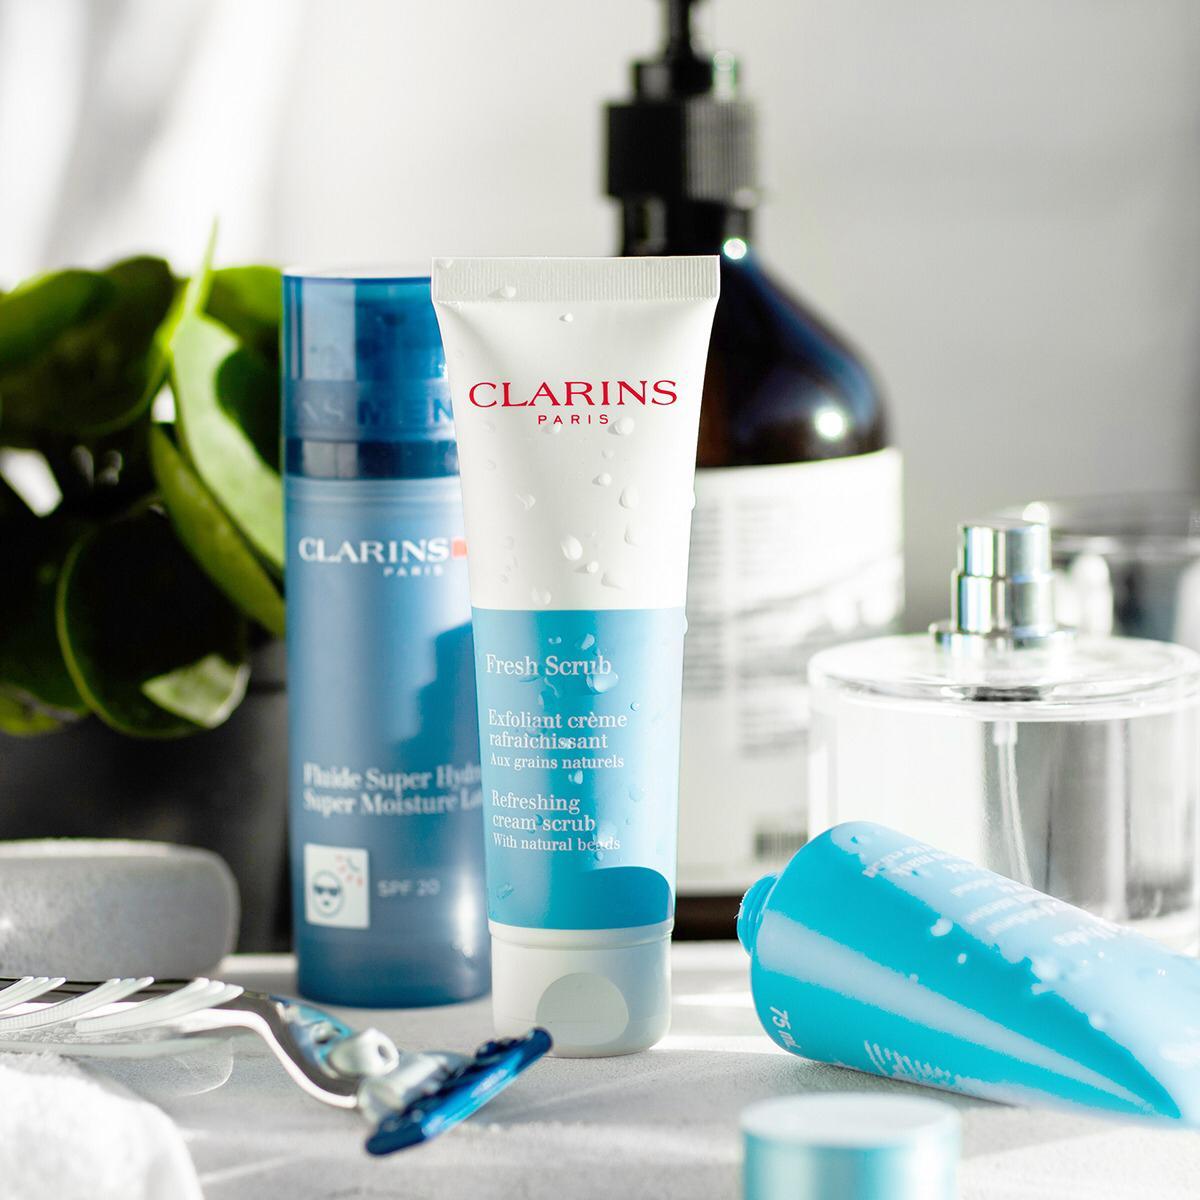 Limpieza e hidratación para su piel. #caballeros #clarinsmen  L. 1,125 L. 1,093 https://t.co/xTJdYoWcEh